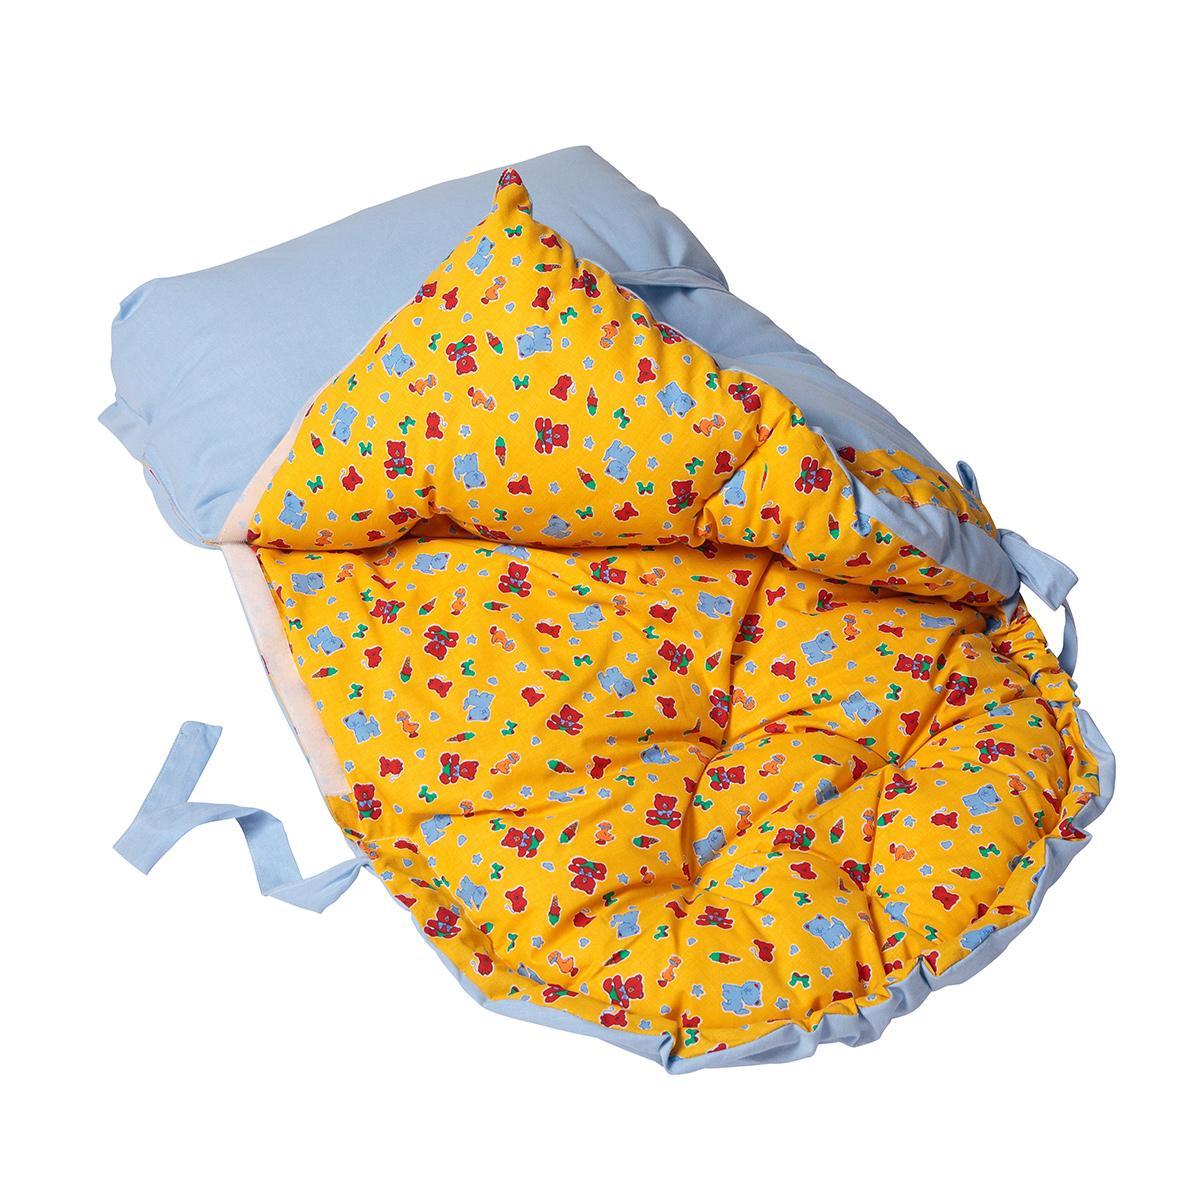 Batex Dětský nánožník z dutého vlákna, 226MŽ 60x80 cm, 0.5 kg